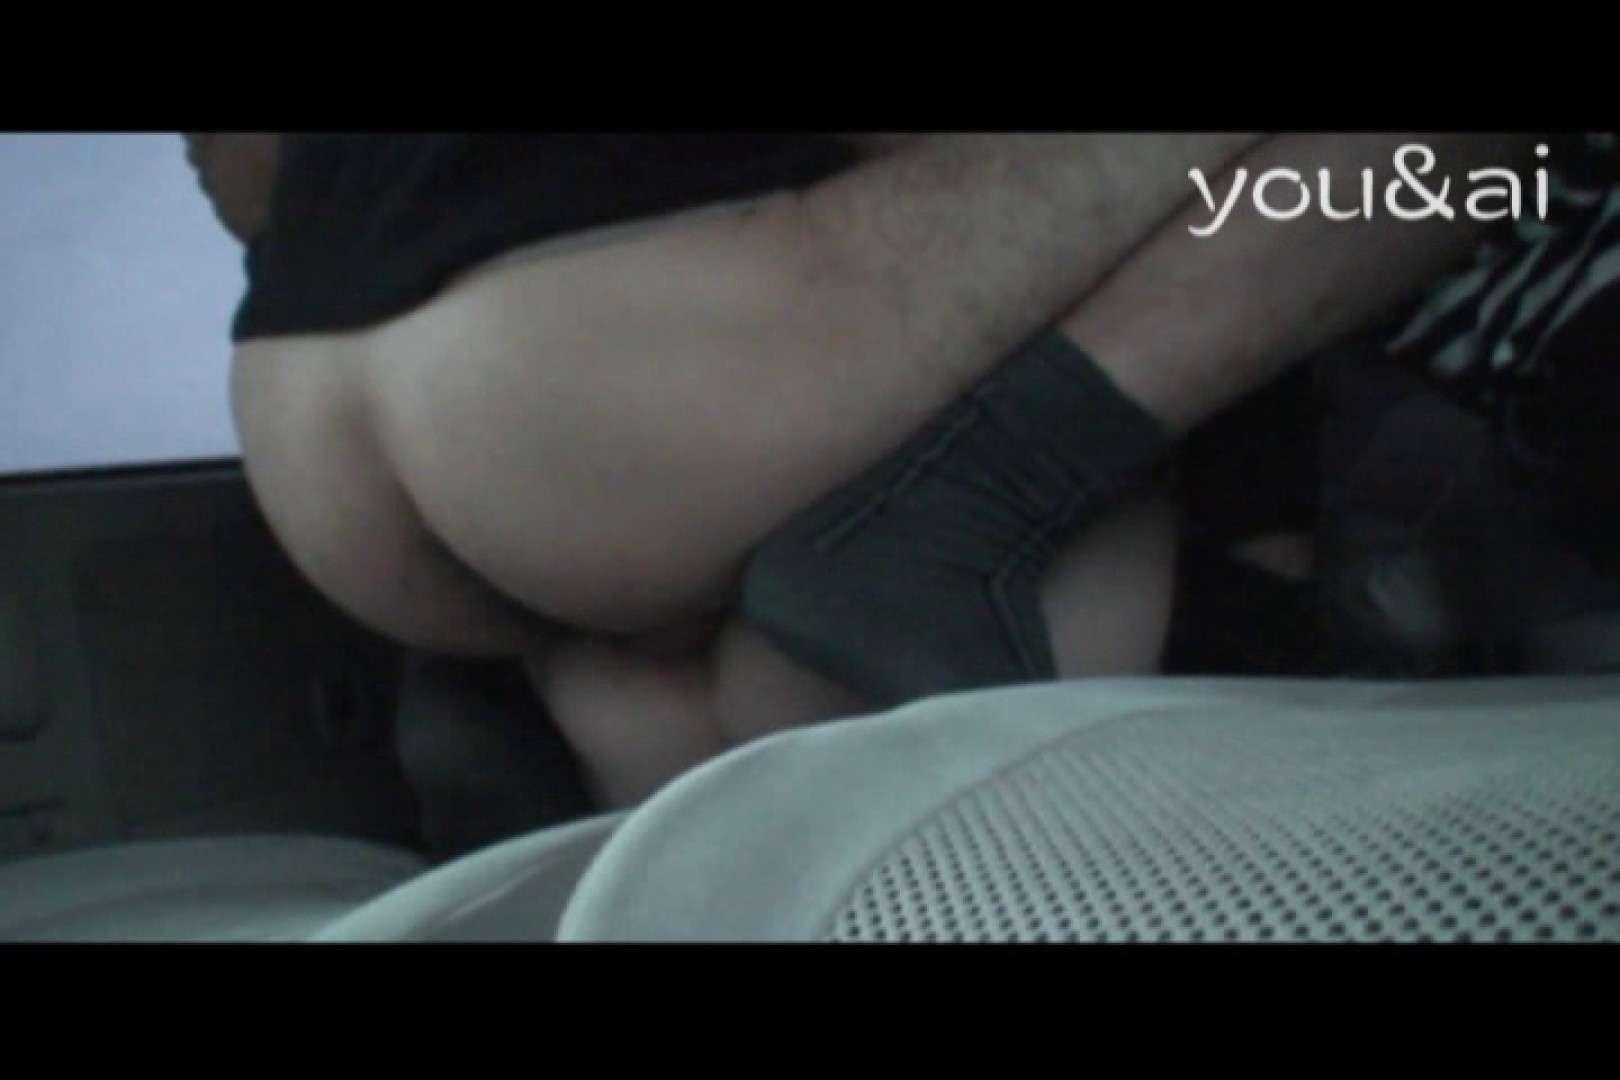 おしどり夫婦のyou&aiさん投稿作品vol.8 投稿 オマンコ動画キャプチャ 72枚 63